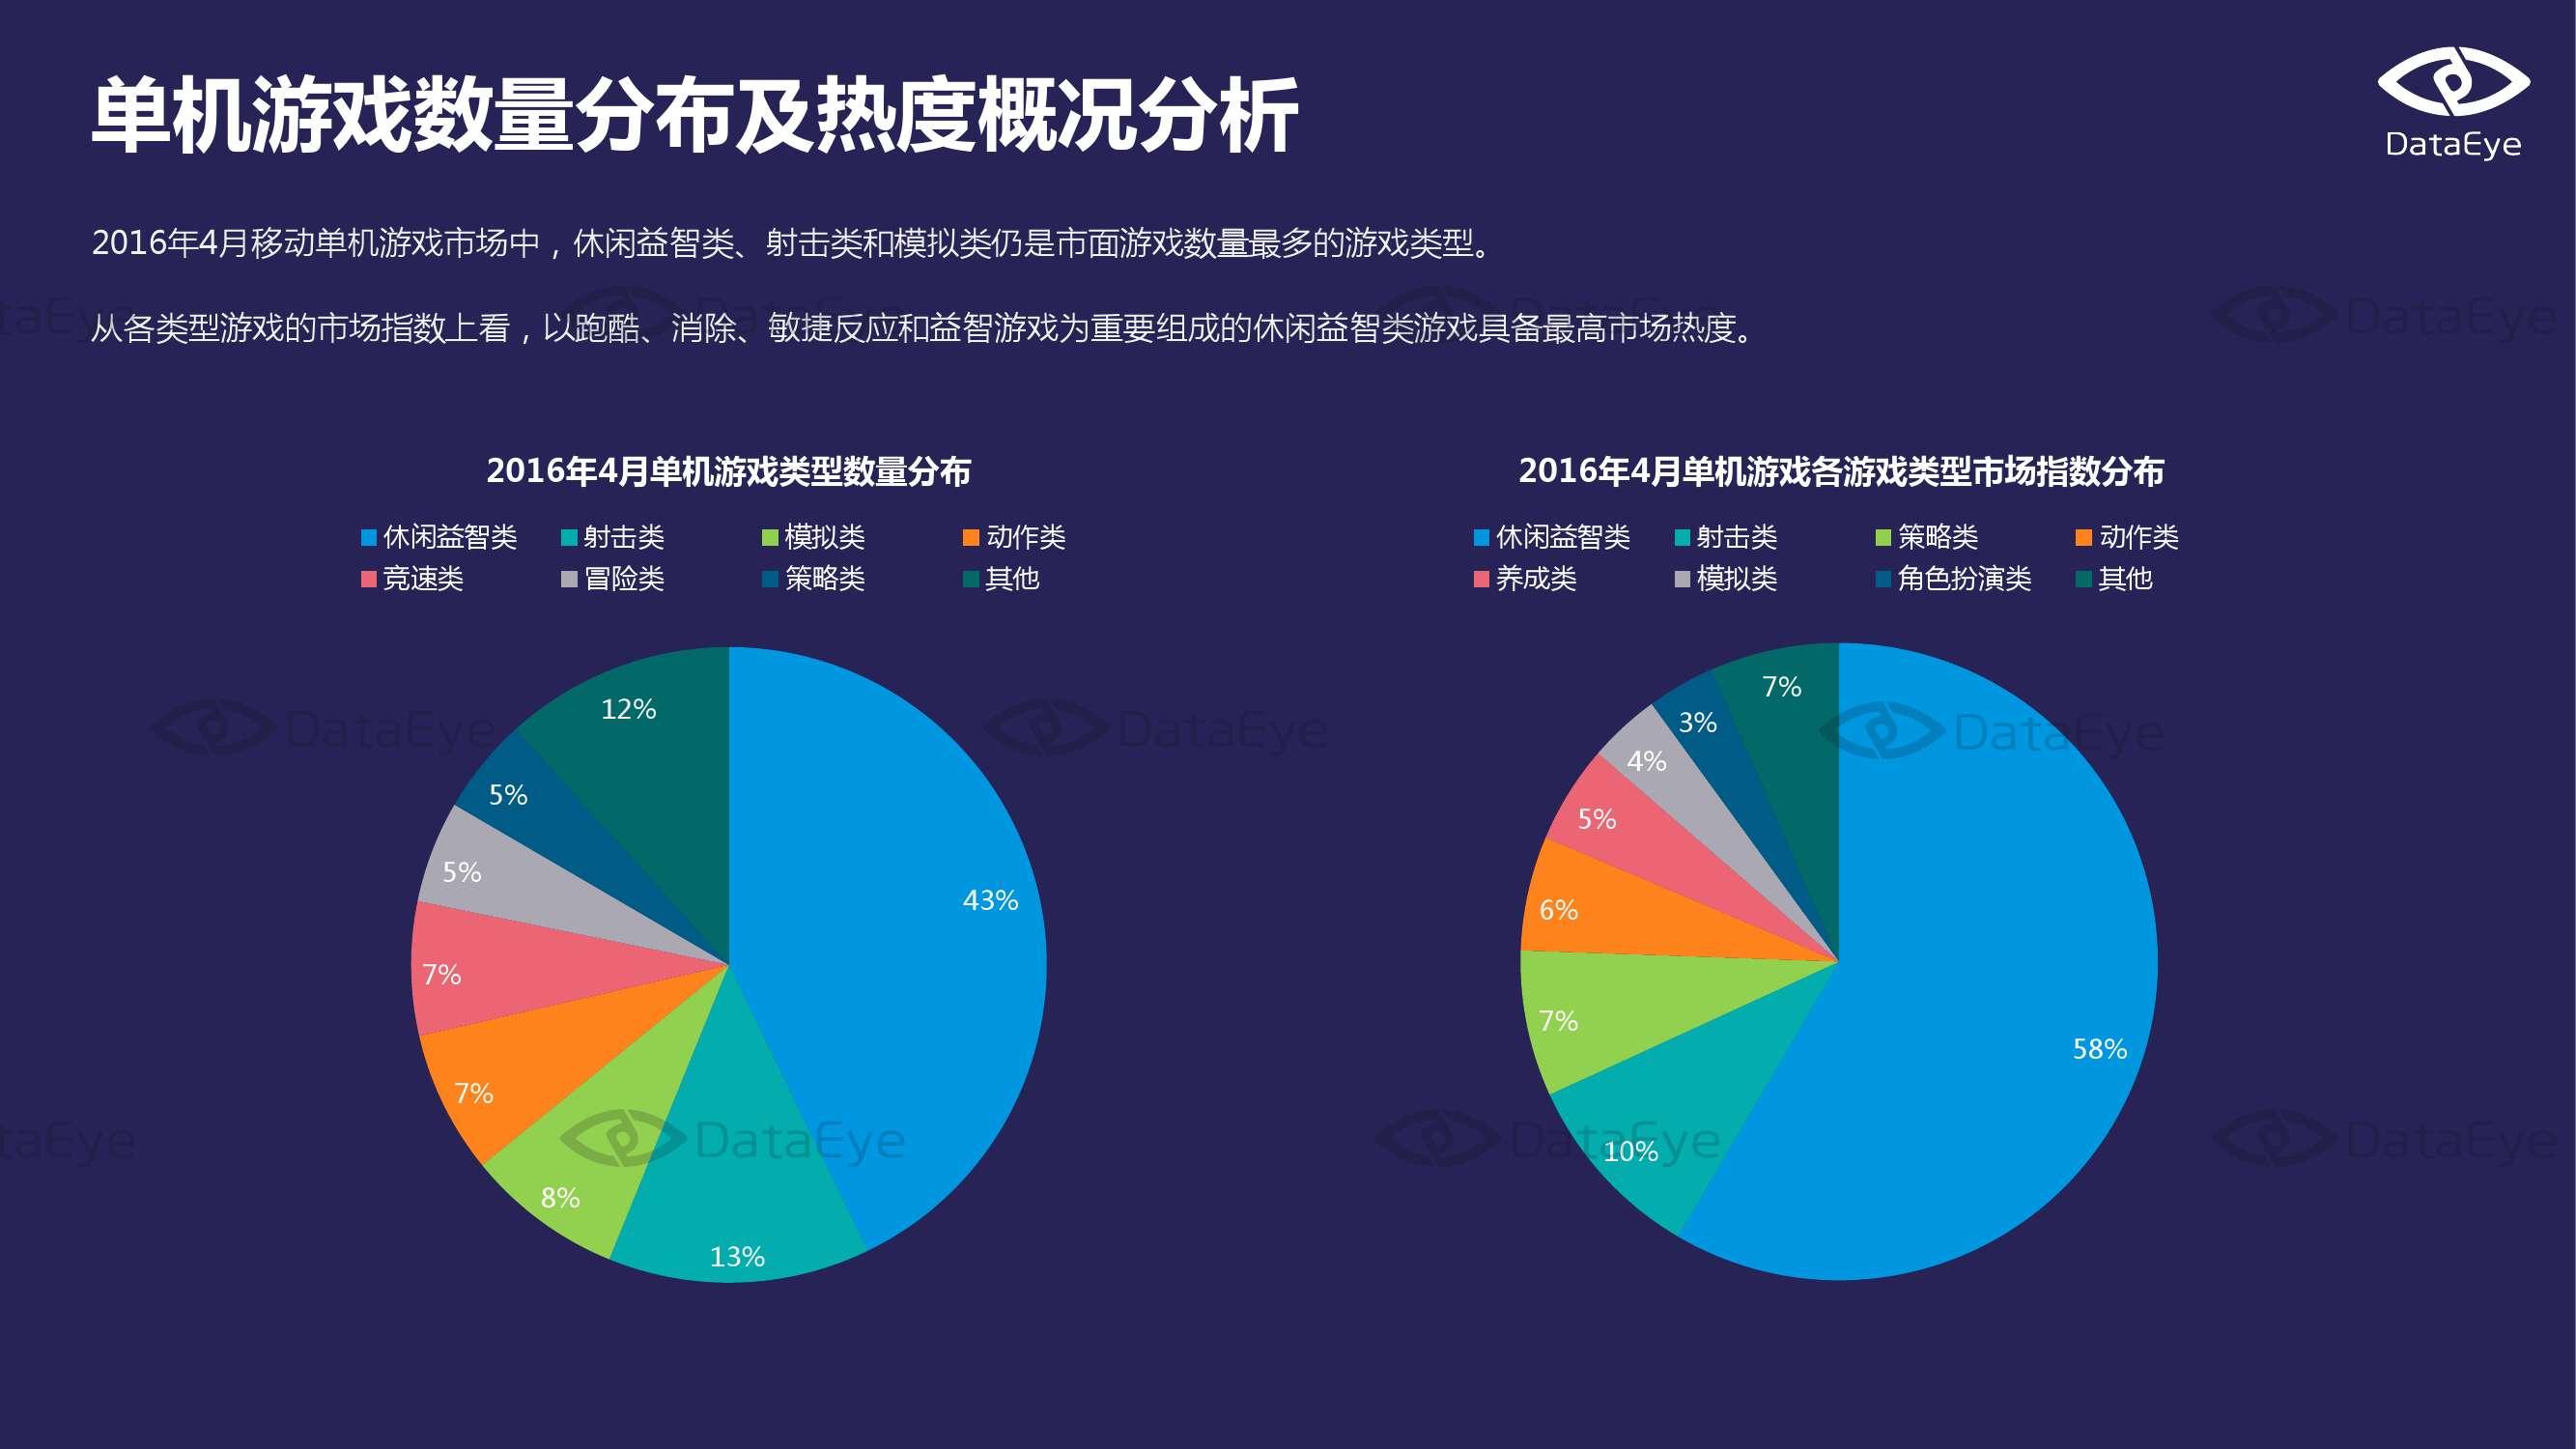 2016年4月国内手游市场指数报告_000004